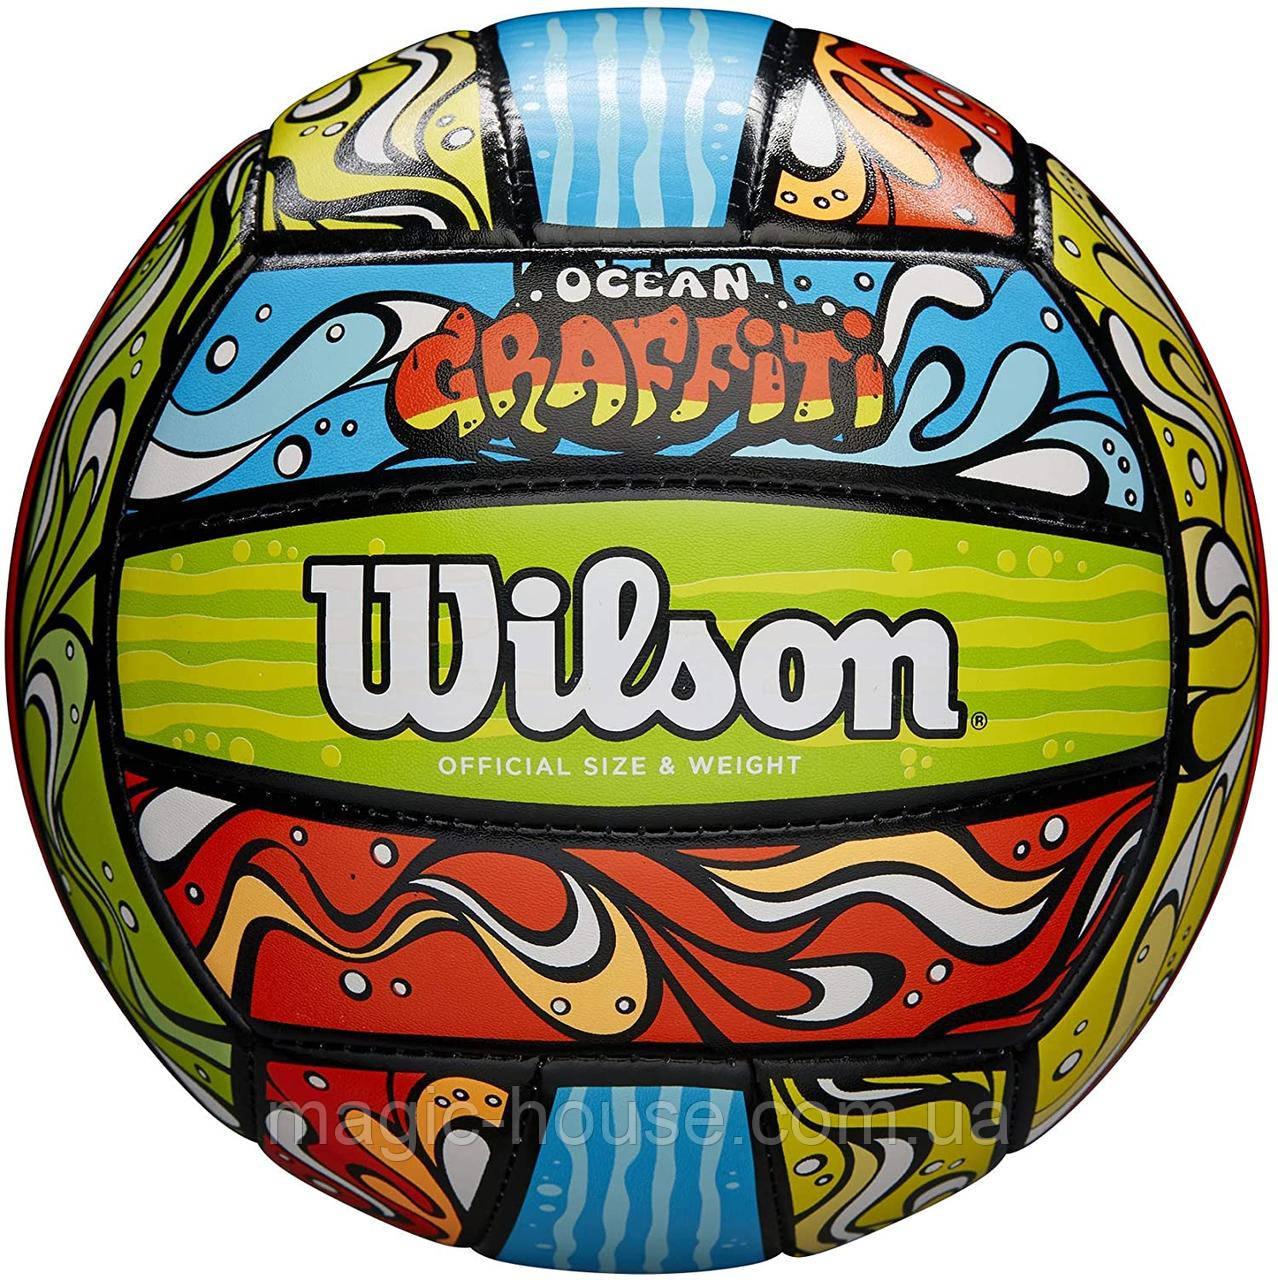 Wilson Graffiti Volleyball Мяч волейбольный игровой оригинал